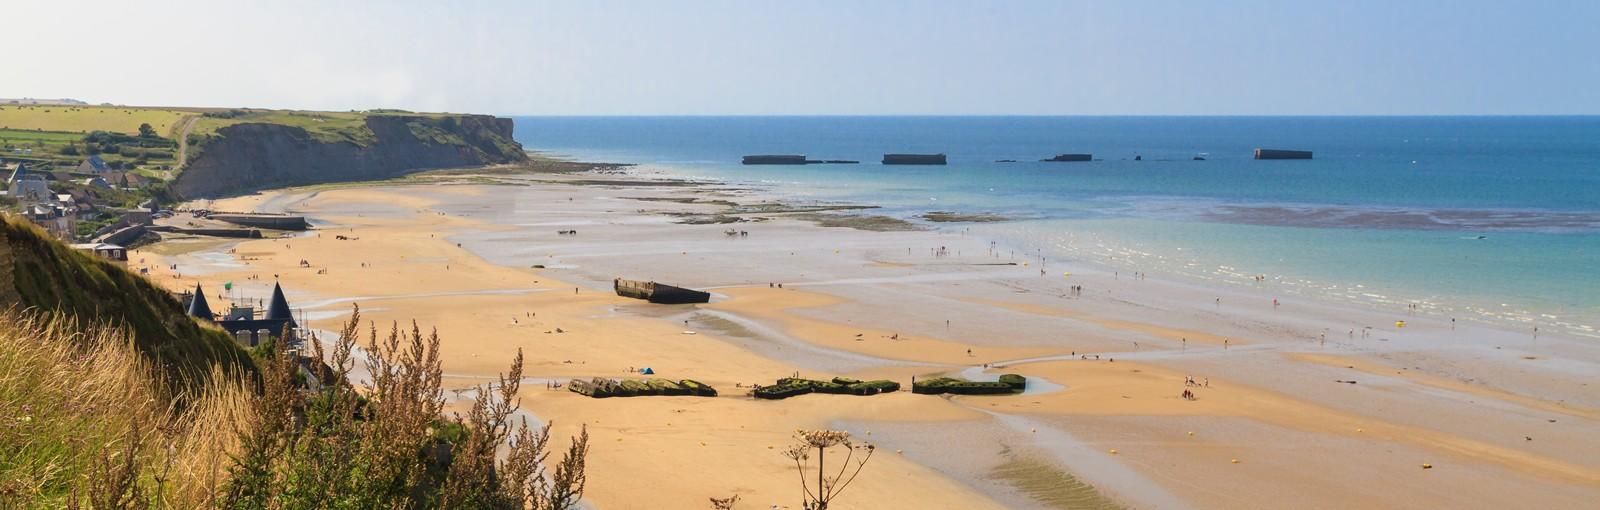 Tours Escapadedans la Manche et le Bessin - Normandie & Bretagne - Nos Escapades Partagées